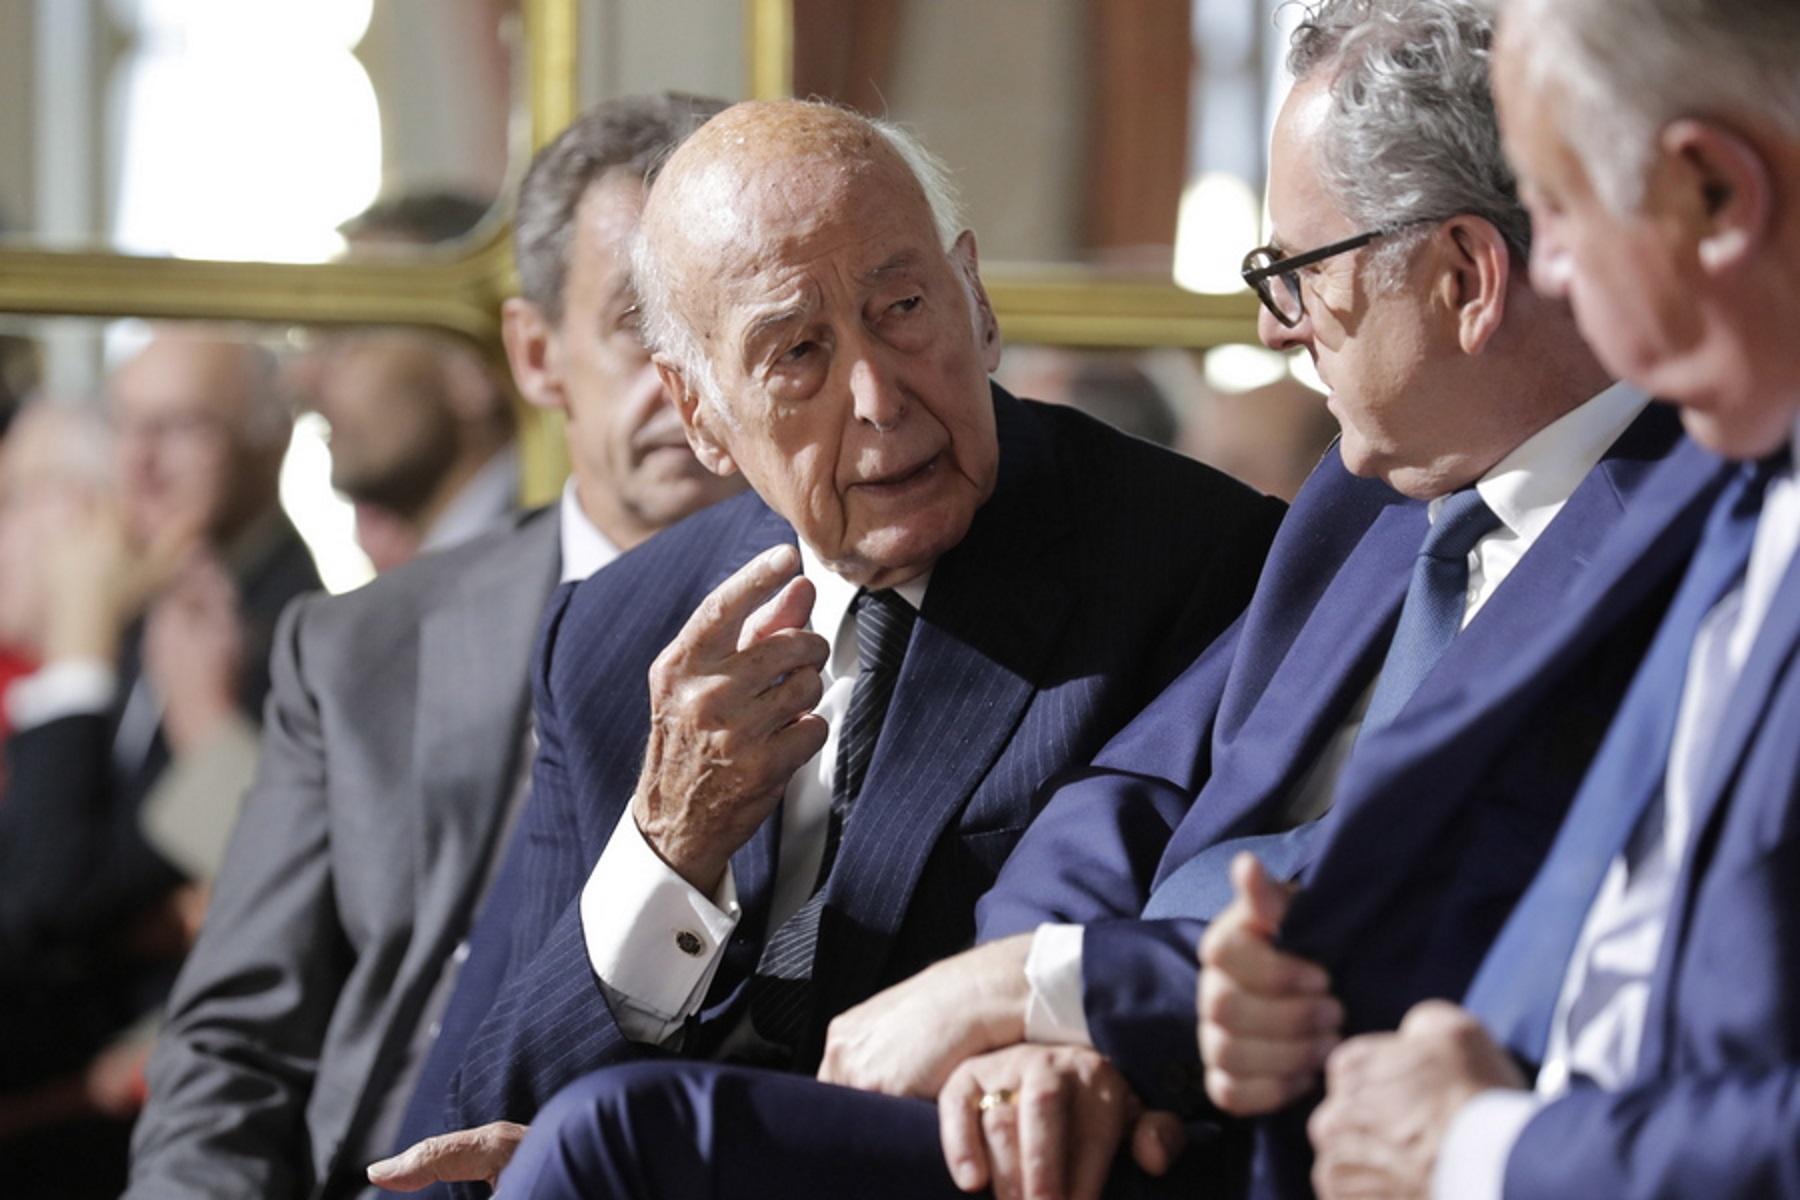 Θρήνος στην Γαλλία – Πέθανε ο πρώην Πρόεδρος Βαλερί Ζισκάρ Ντ' Εστέν